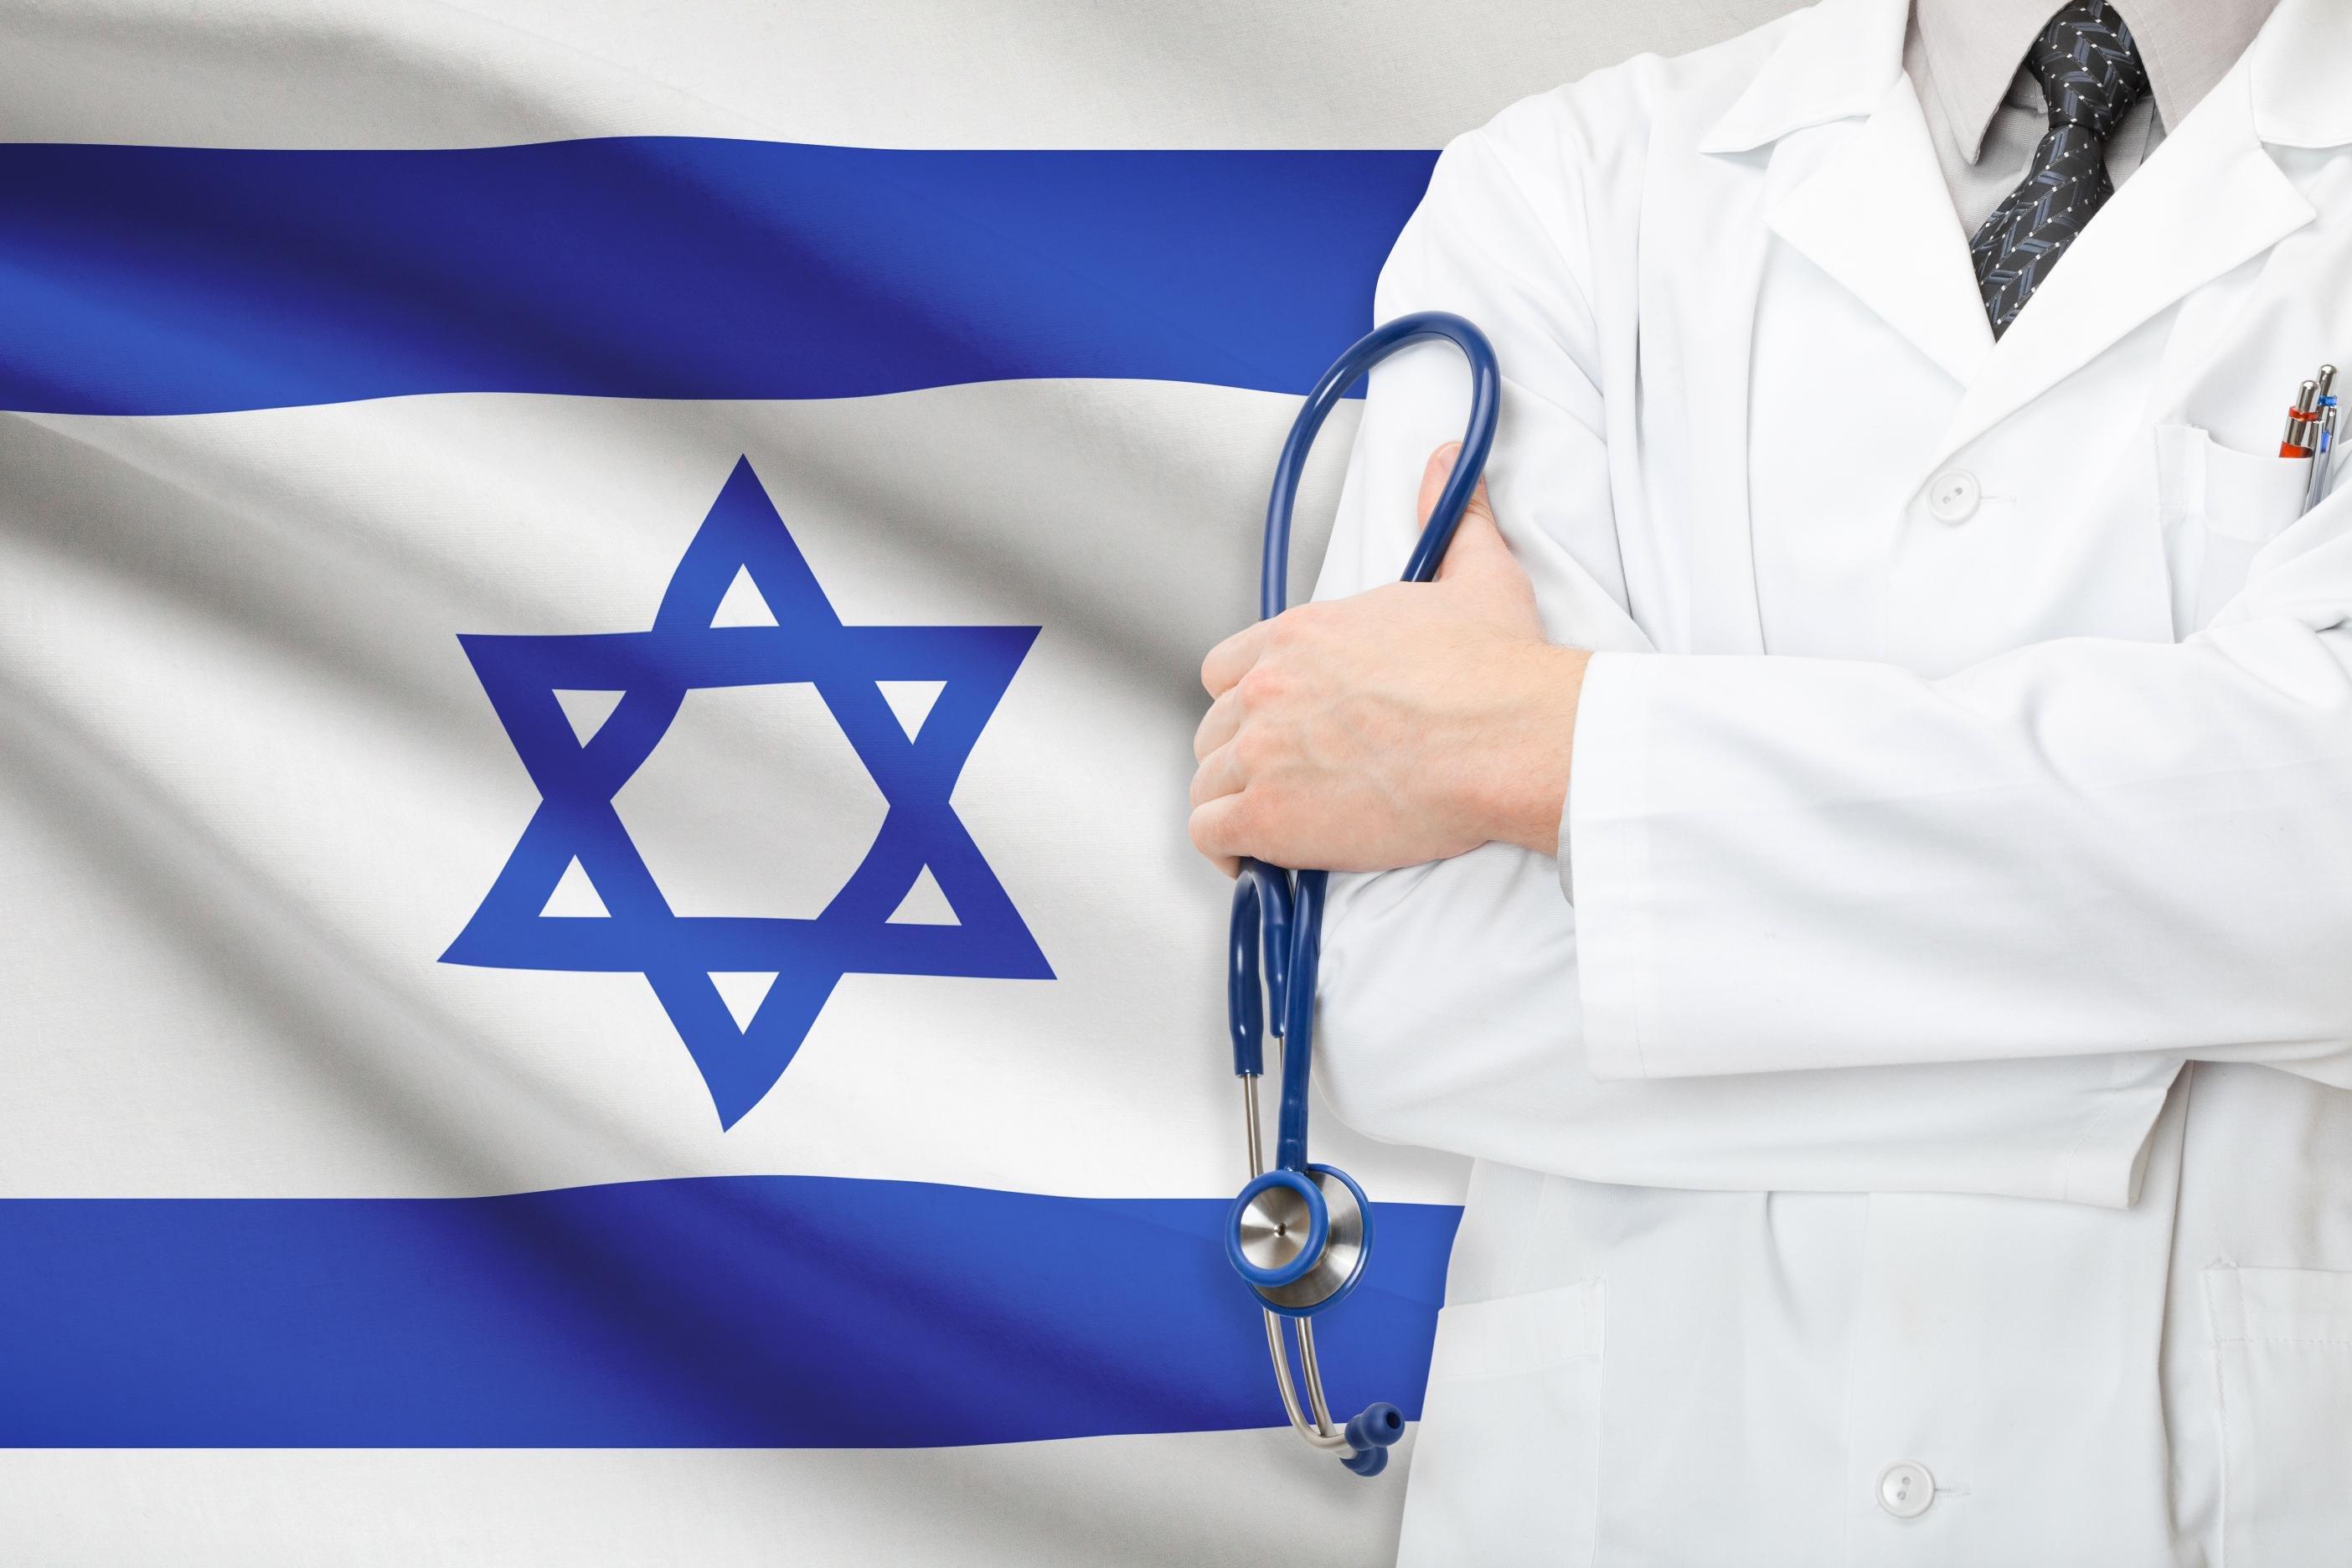 Записаться к врачу 193 поликлиника